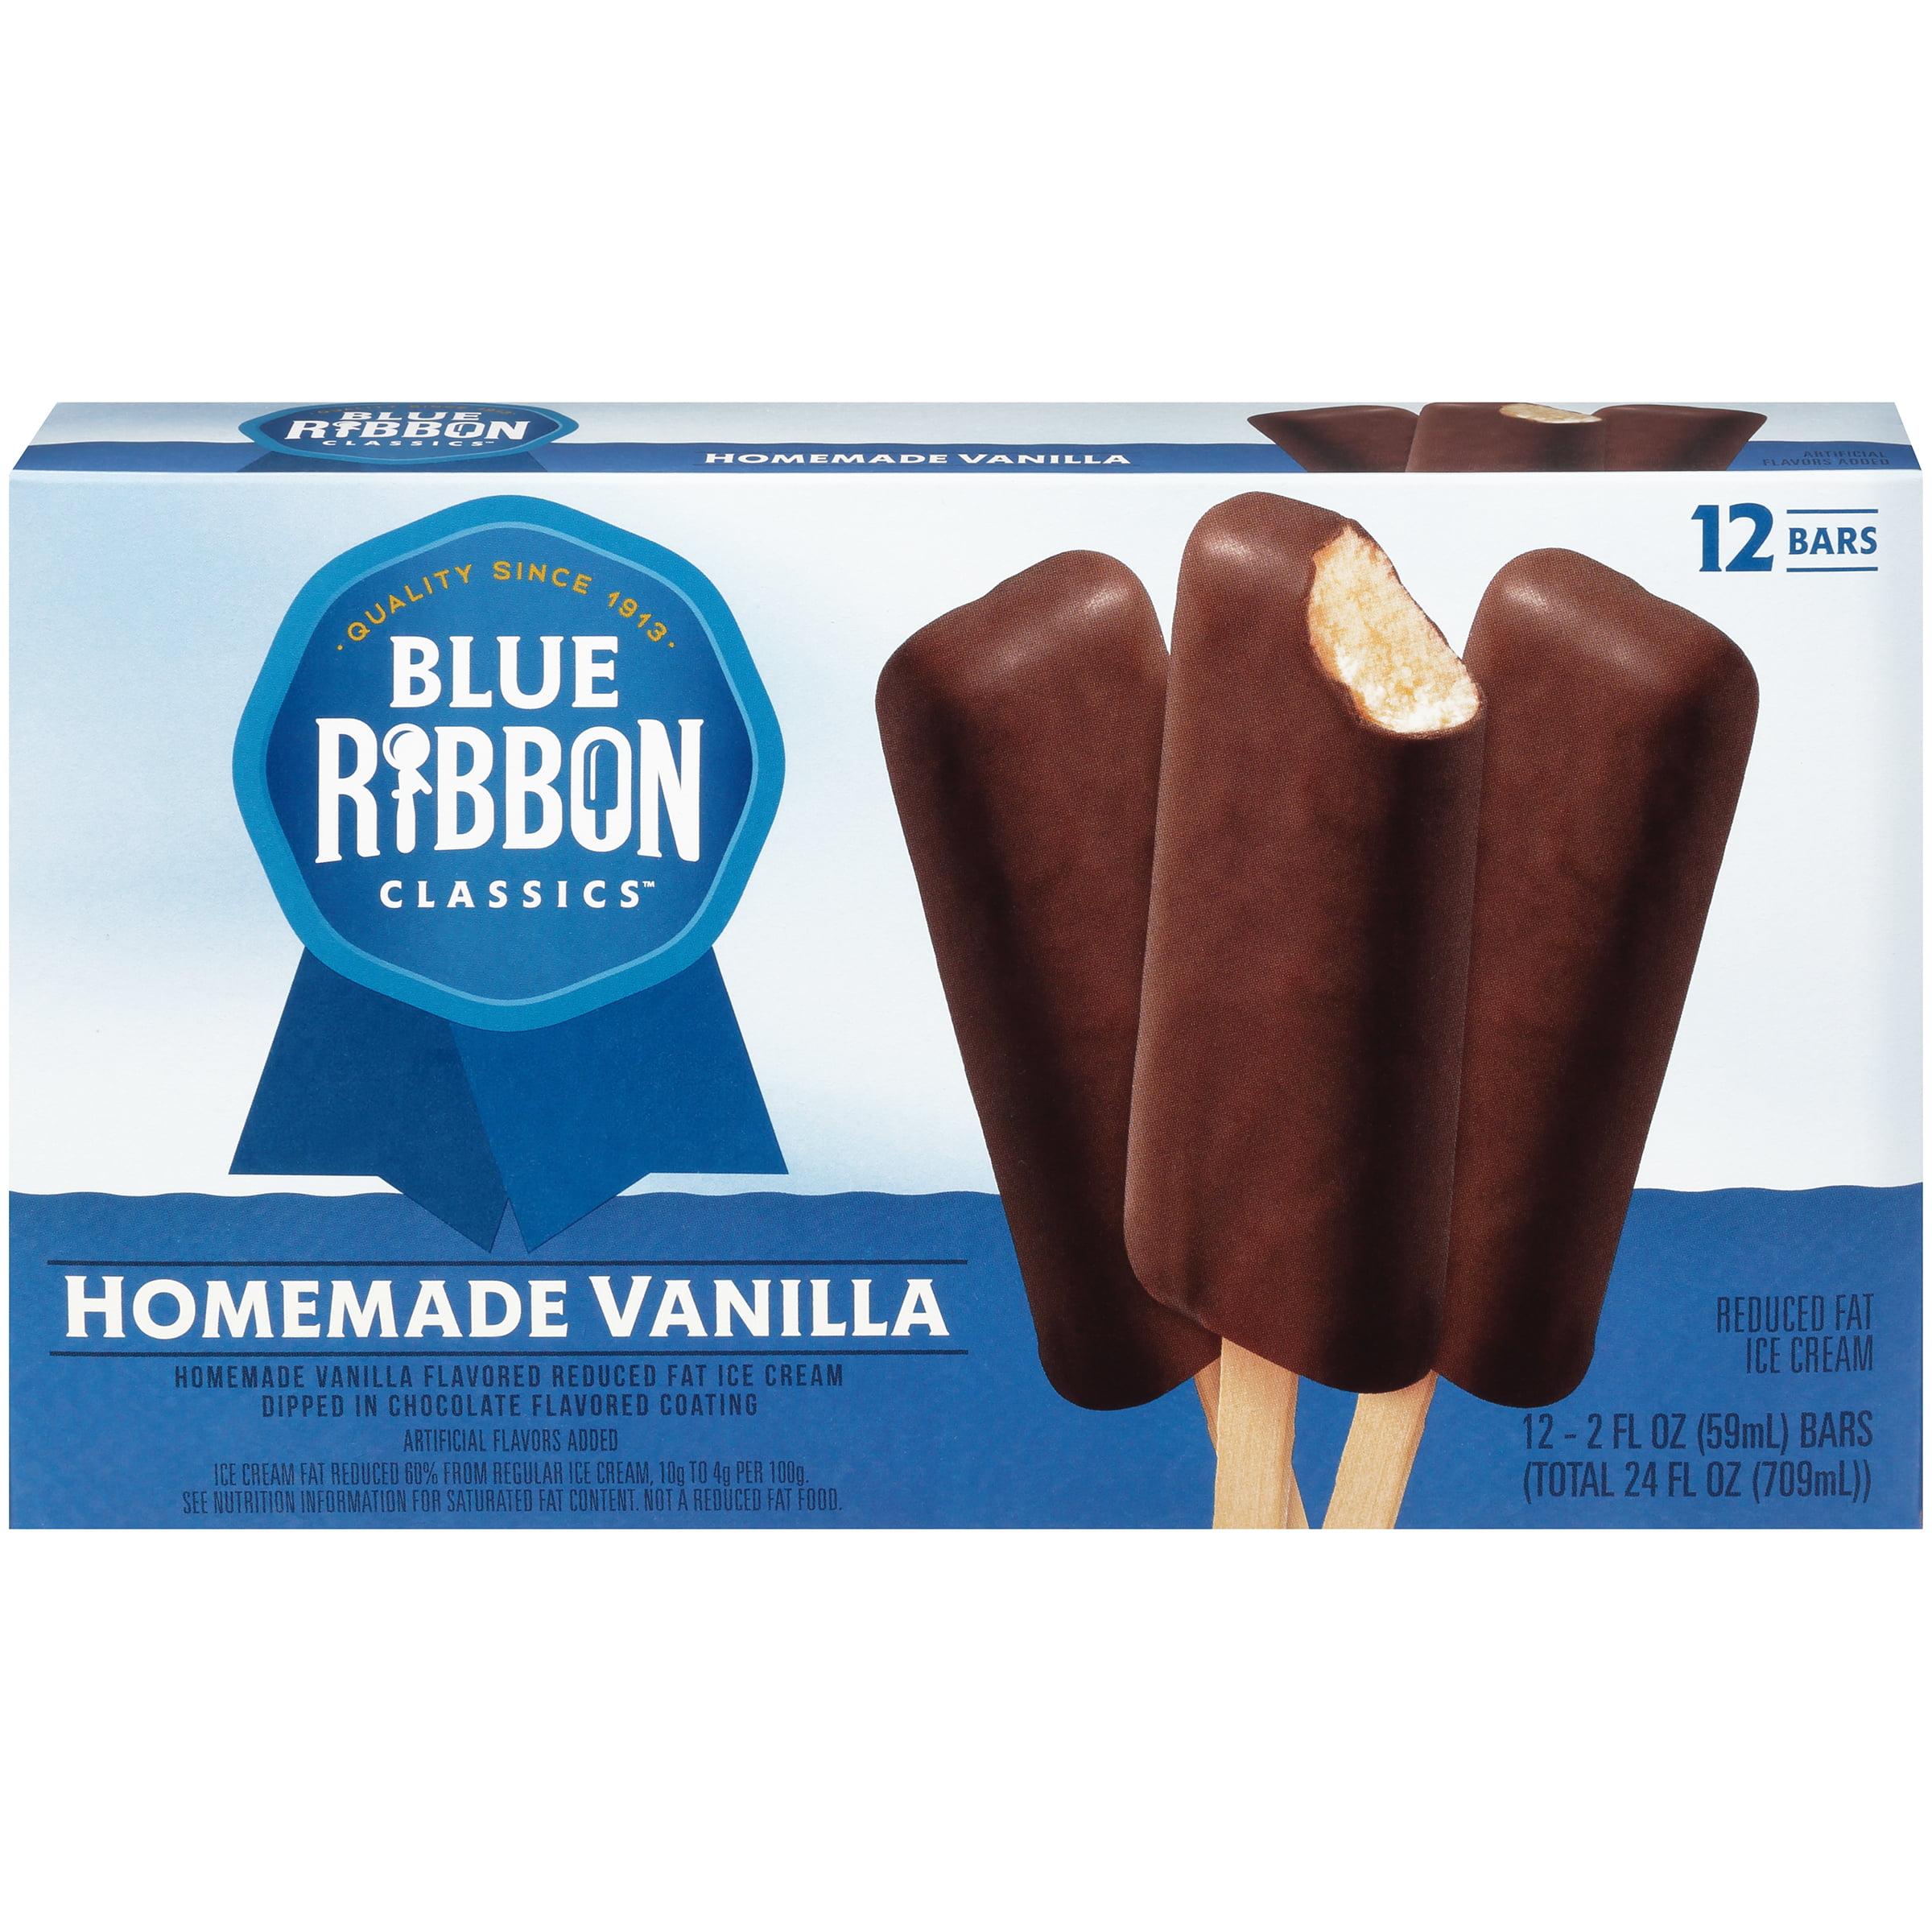 Blue Ribbon Classics Homemade Vanilla bar, 12 Count, 2 oz - Walmart.com